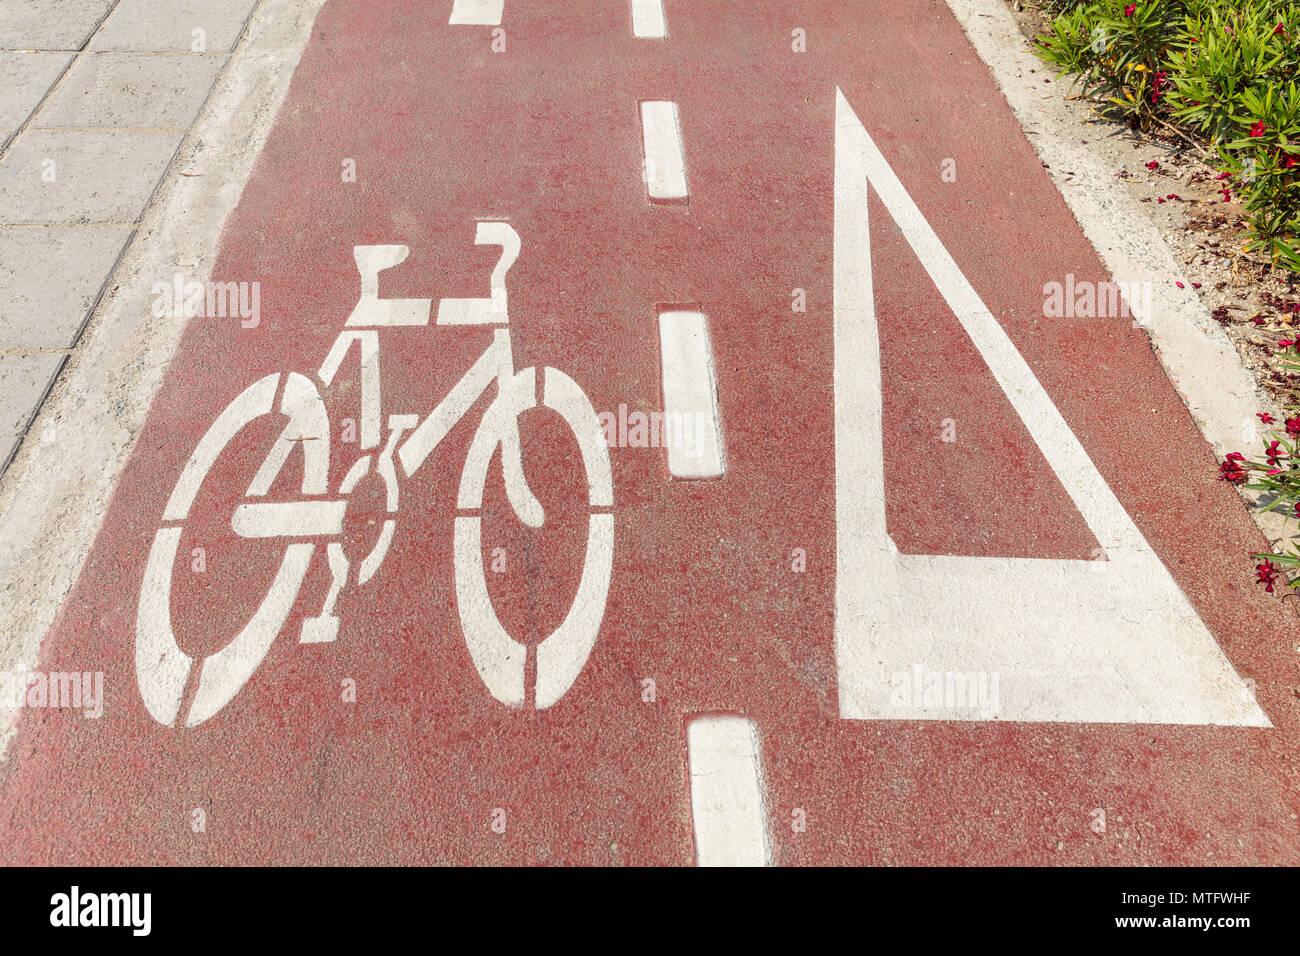 Bike Lane. Location signer et blanc Flèche de direction sur le chemin d'asphalte rouge Banque D'Images